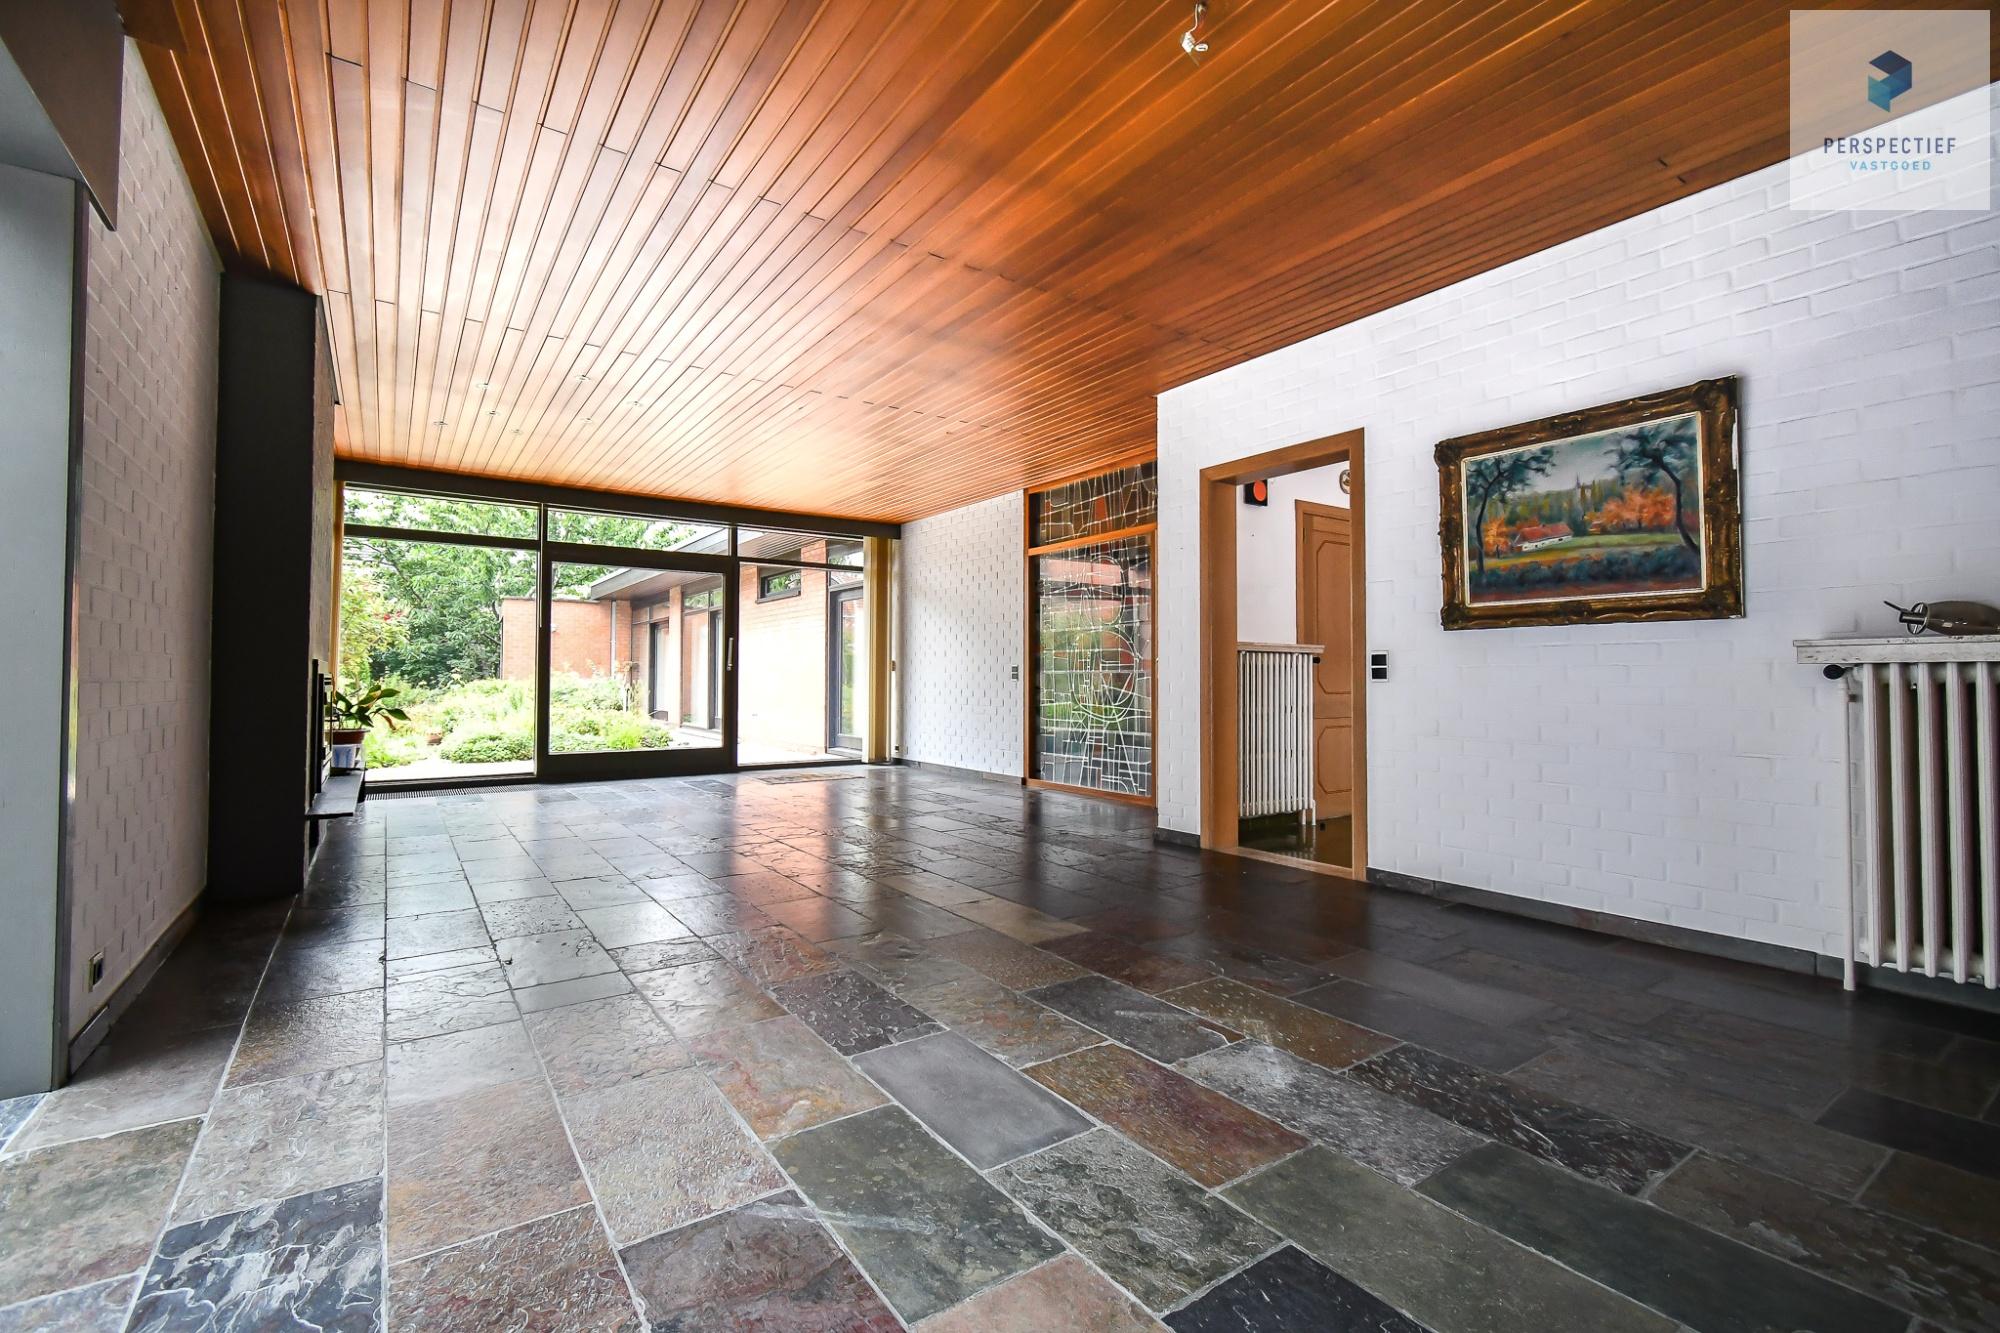 | IN OPTIE | Vrijstaandearchitecturale woningop eentoplocatie, ideaal voor een zelfstandigepraktijk! - 7